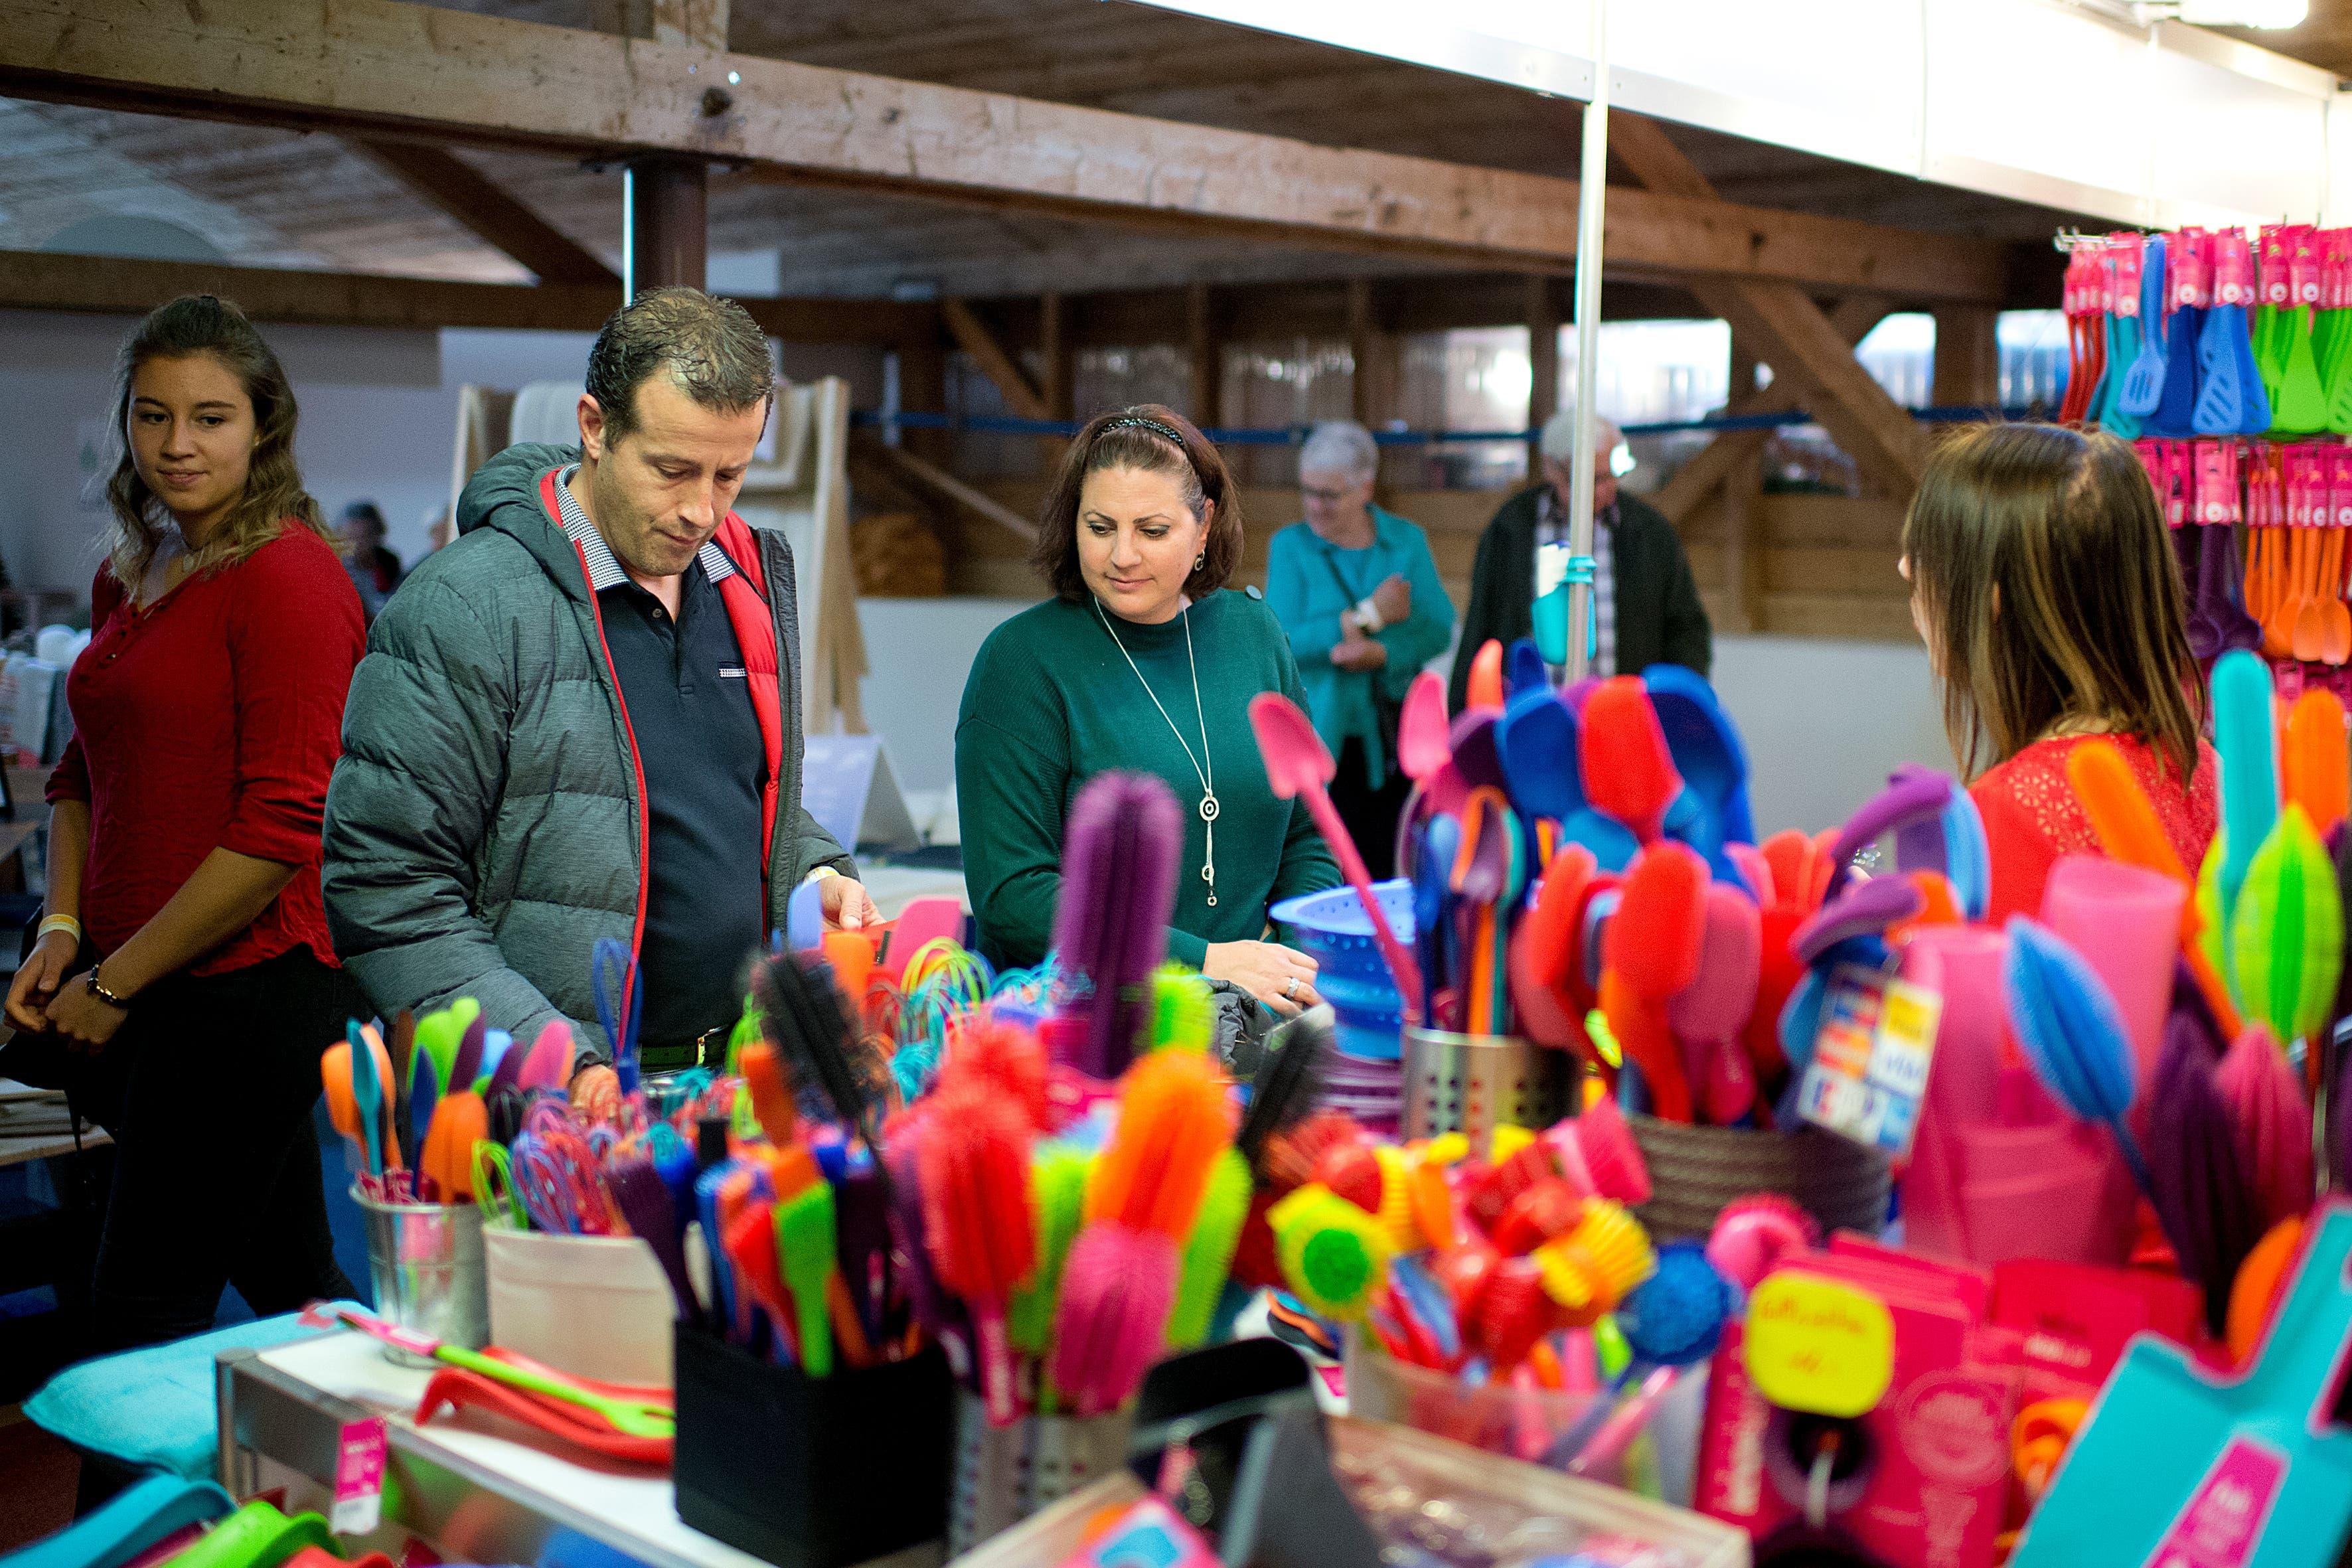 Hereinspaziert an der Zuger Messe 2019: Über 400 Aussteller zeigen hier ihre Produkte und Dienstleistungen. (Bild: Maria Schmid, Zug, 25. Oktober 2019)